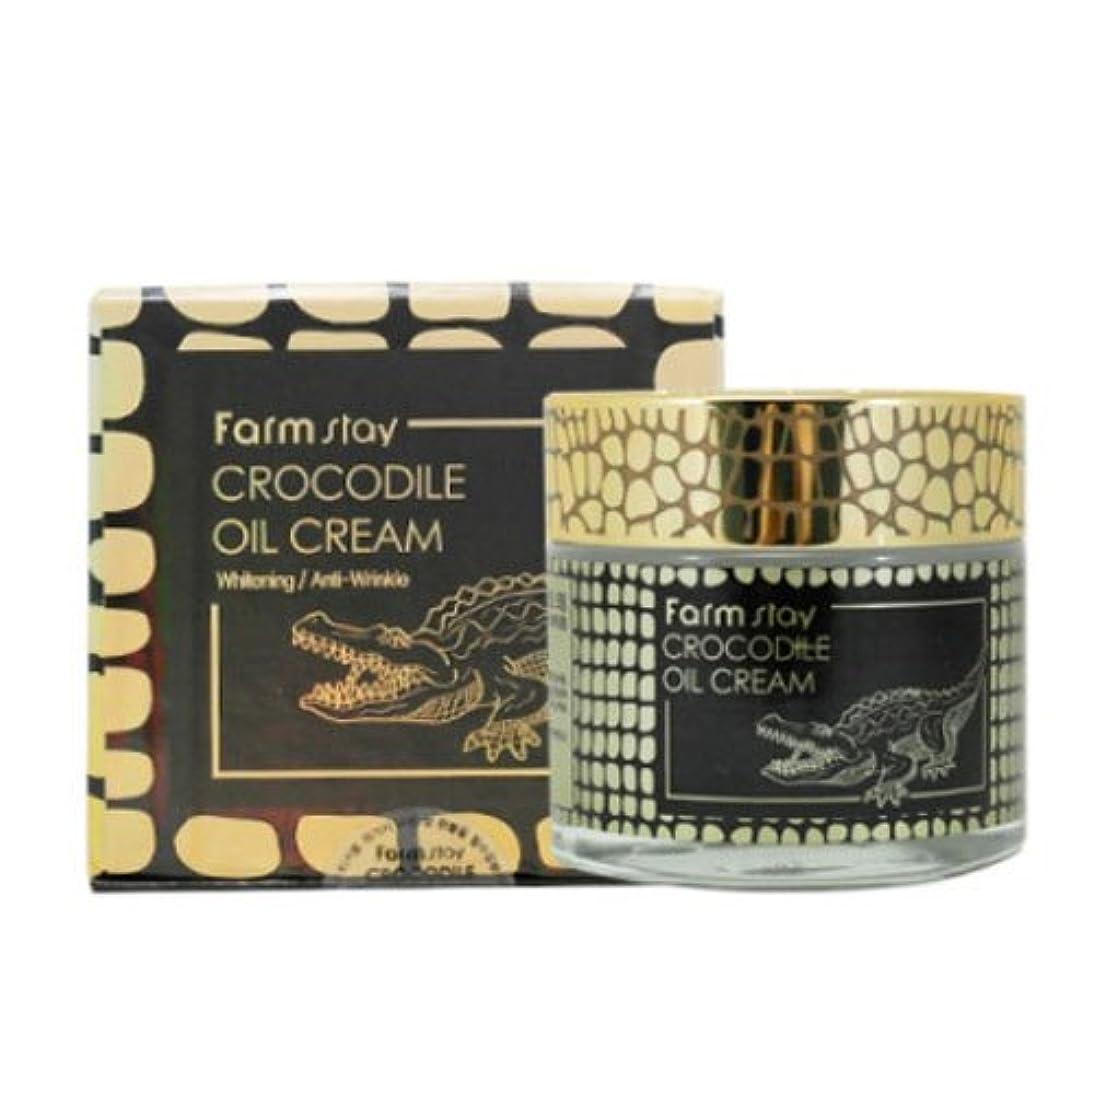 スズメバチ破滅ベースファームステイ[韓国コスメFarm Stay]Crocodile Oil Cream ワニオイルクリーム70g しわ管理 美白[並行輸入品]